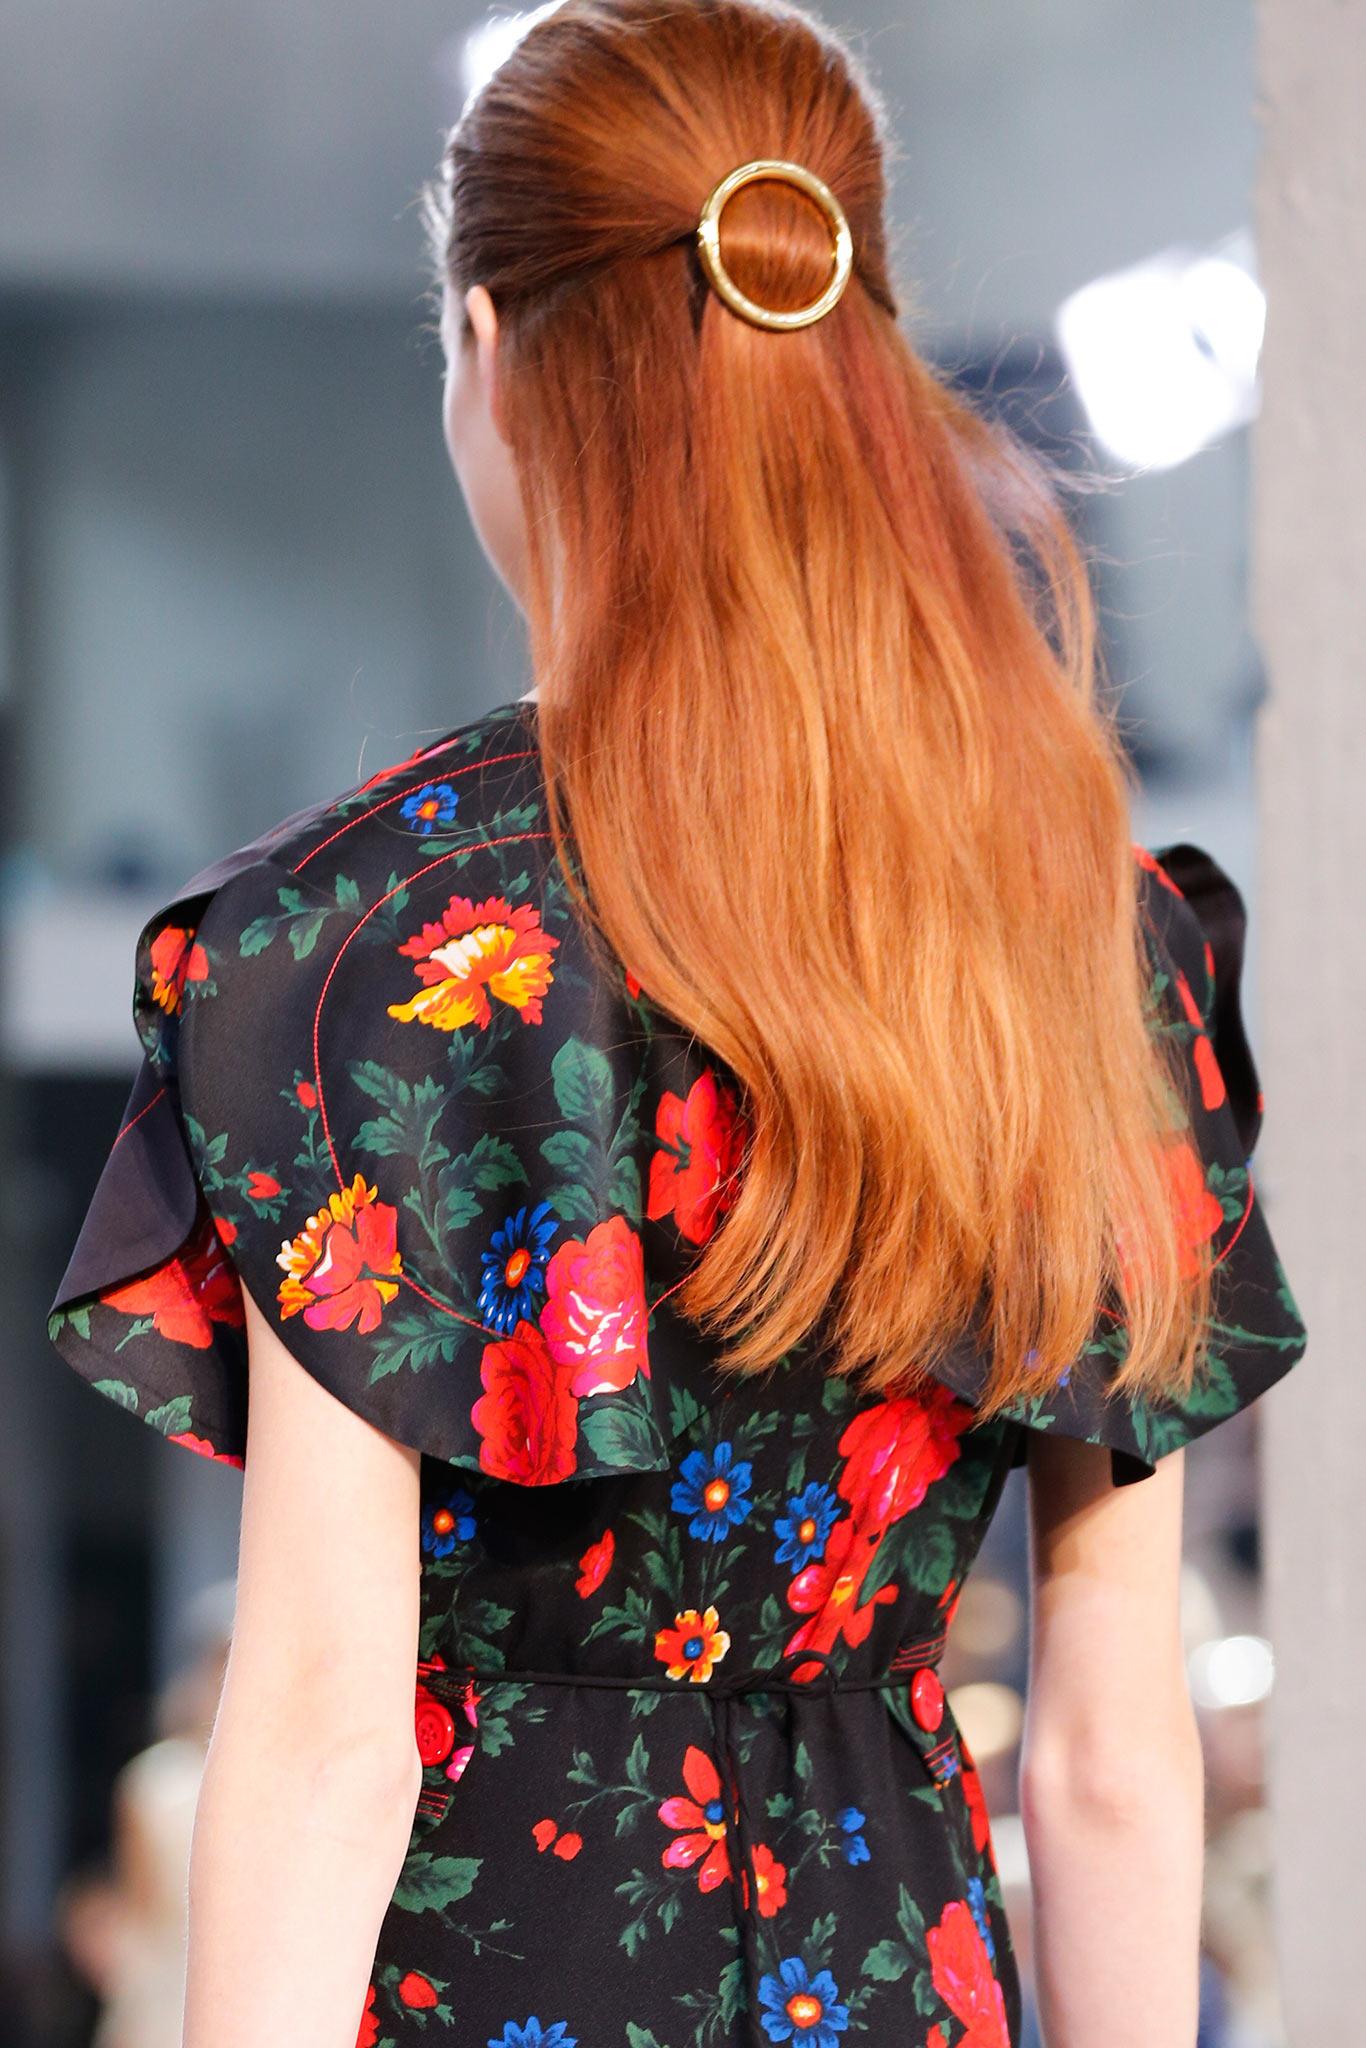 Тренд 1 Céline заколки пряжки Какие украшения носить весной?  3 главных тренда в нашем обзоре